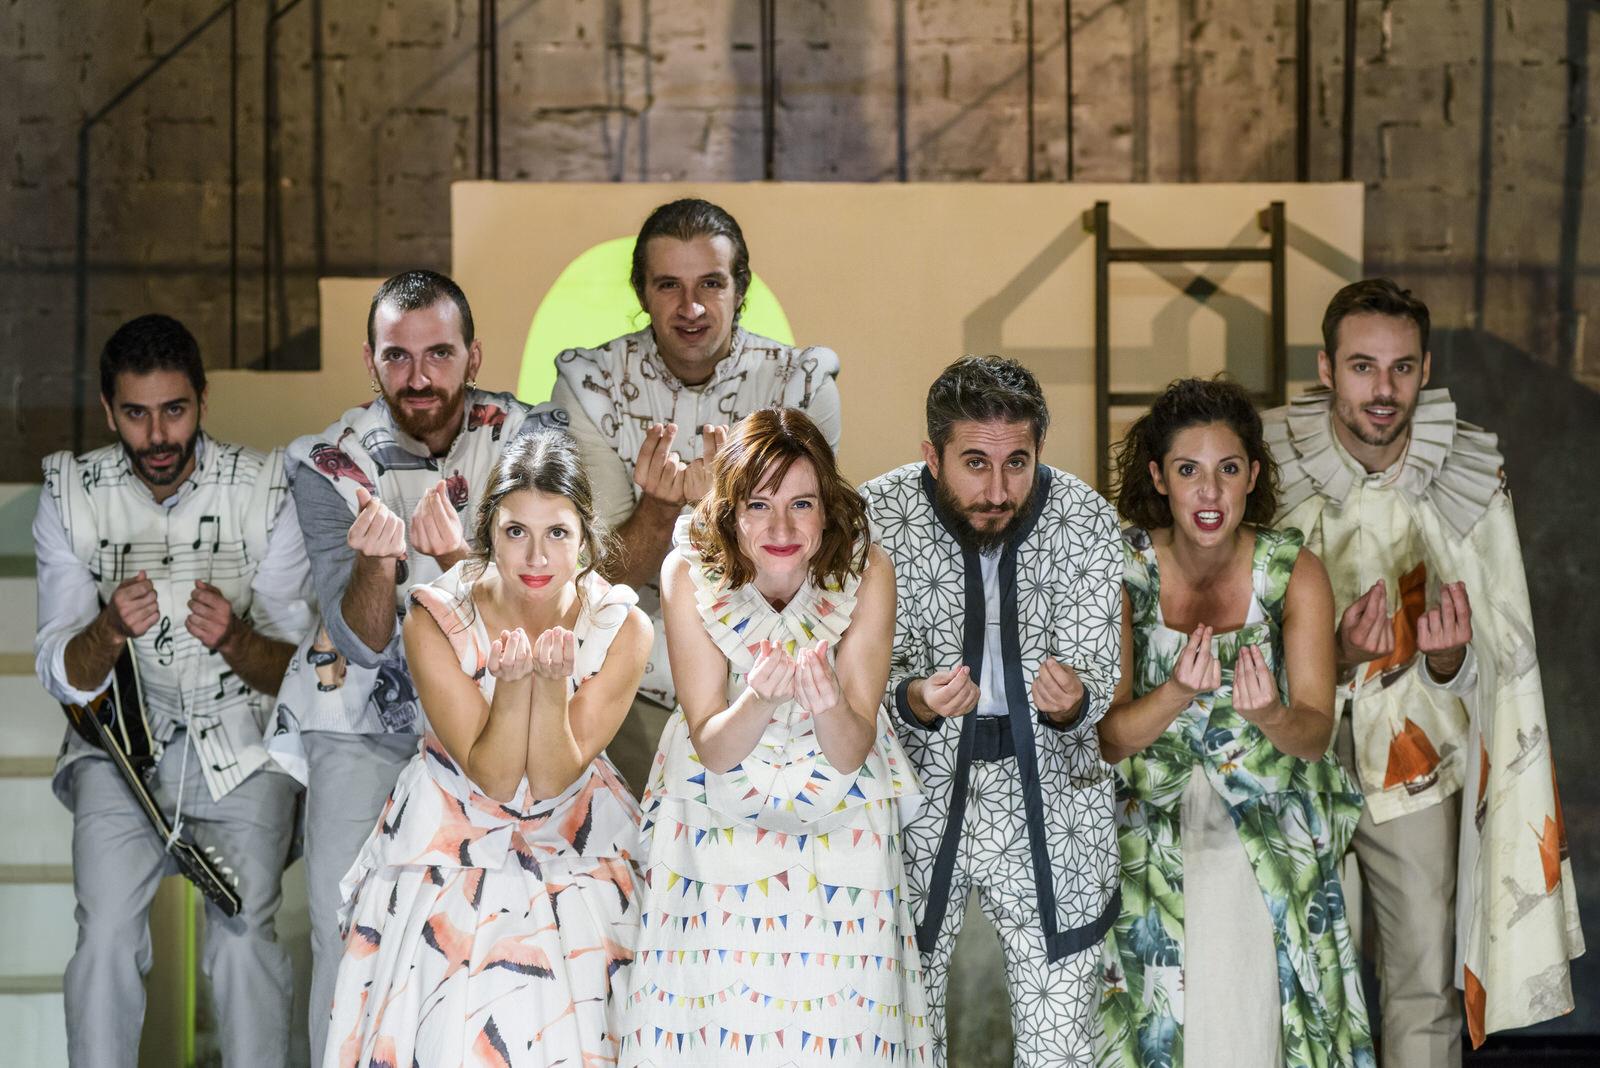 Γυάλινου Μουσικού Θεάτρου - Ουίλλιαμ Σαίξπηρ - Έμπορο της Βενετίας